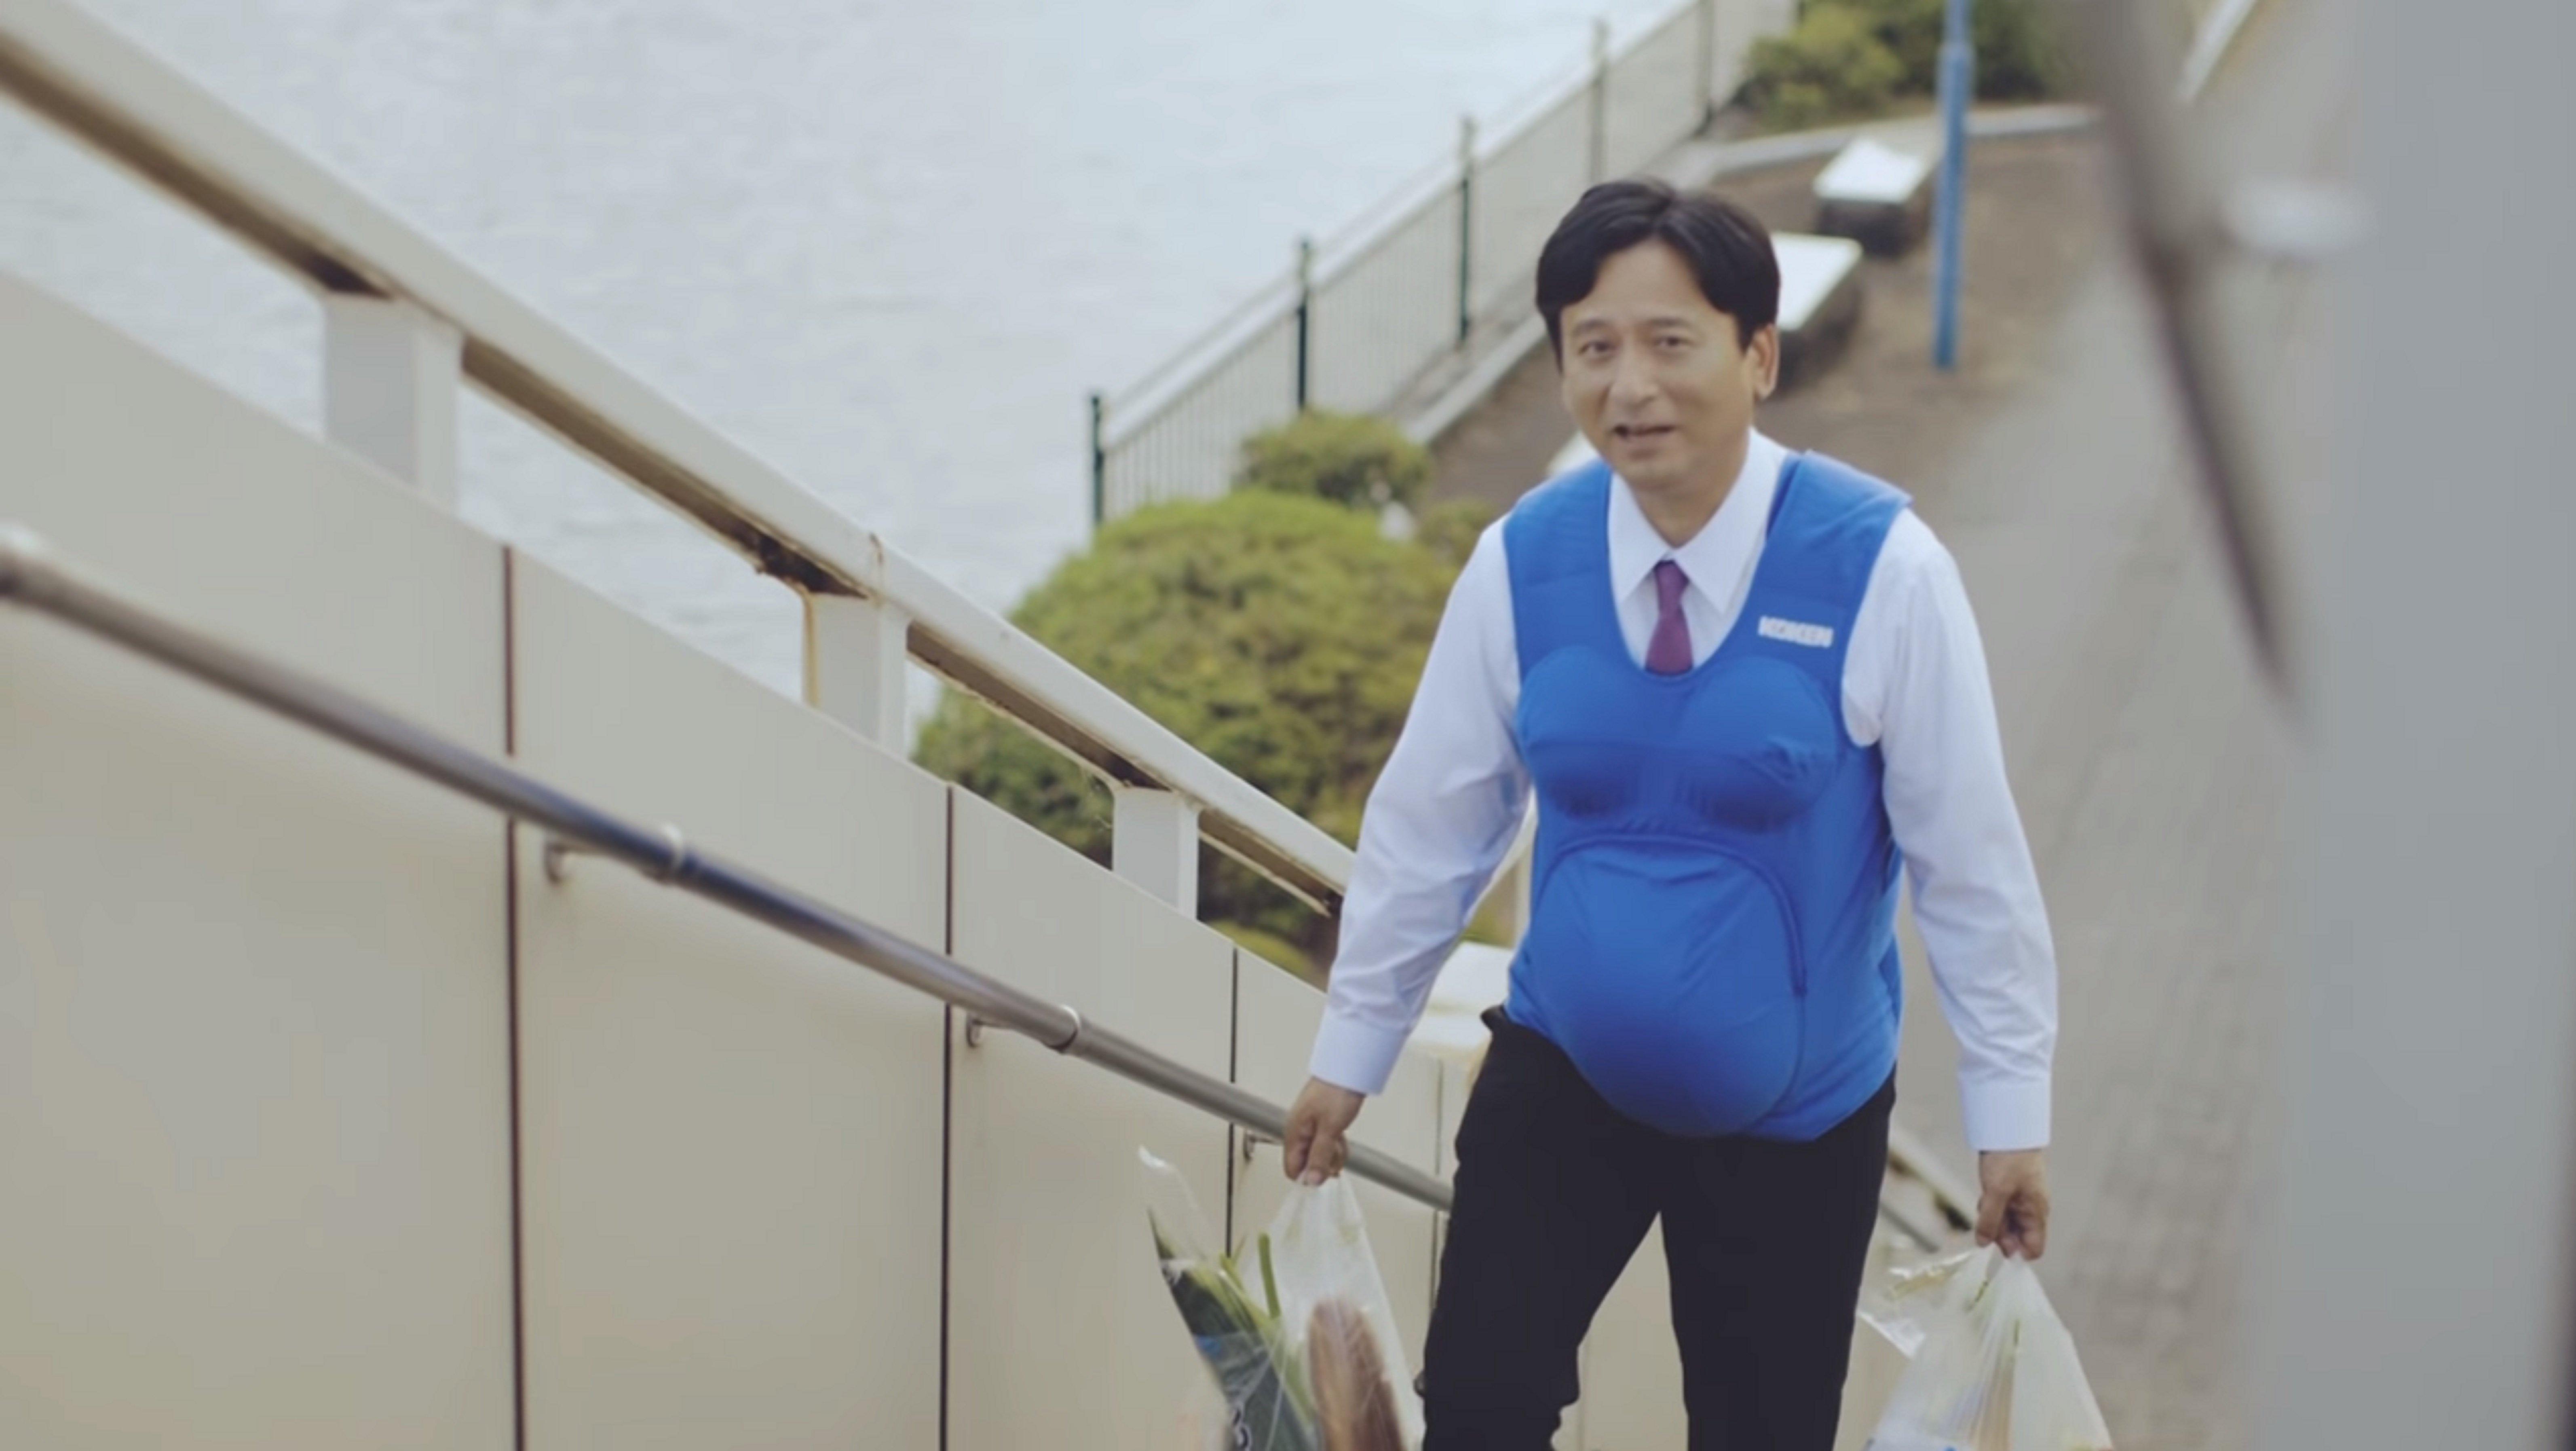 Un homme portant la veste